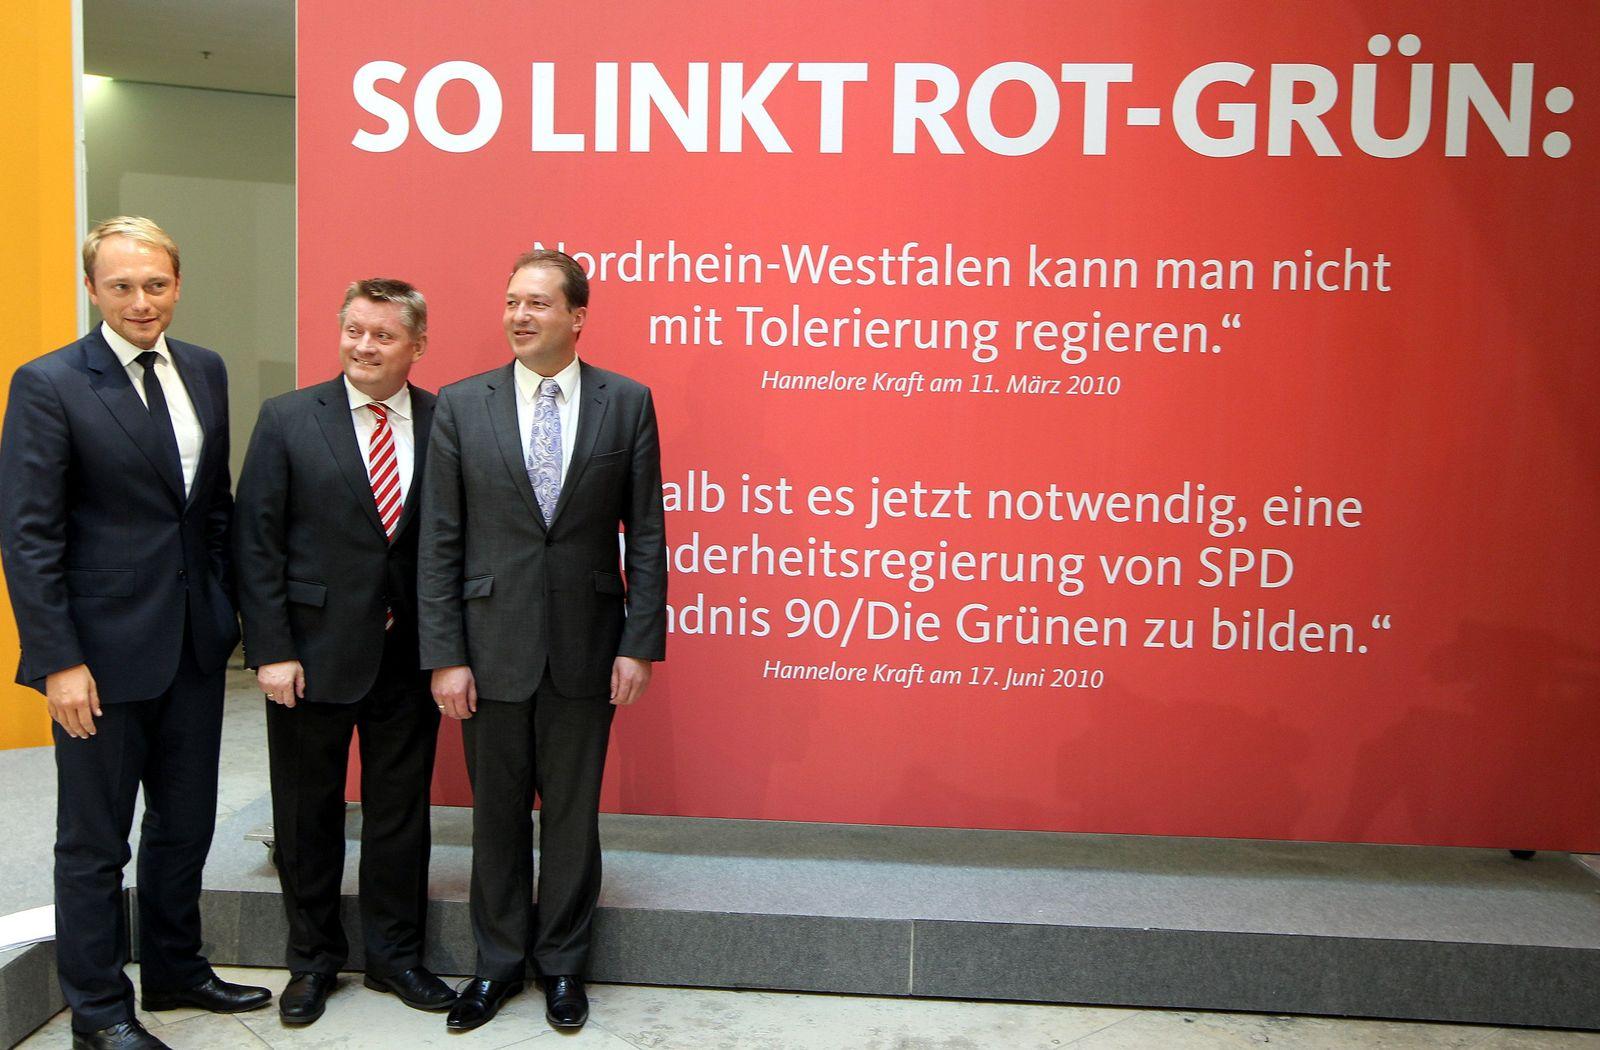 Lindner Gröhe Dobrindt